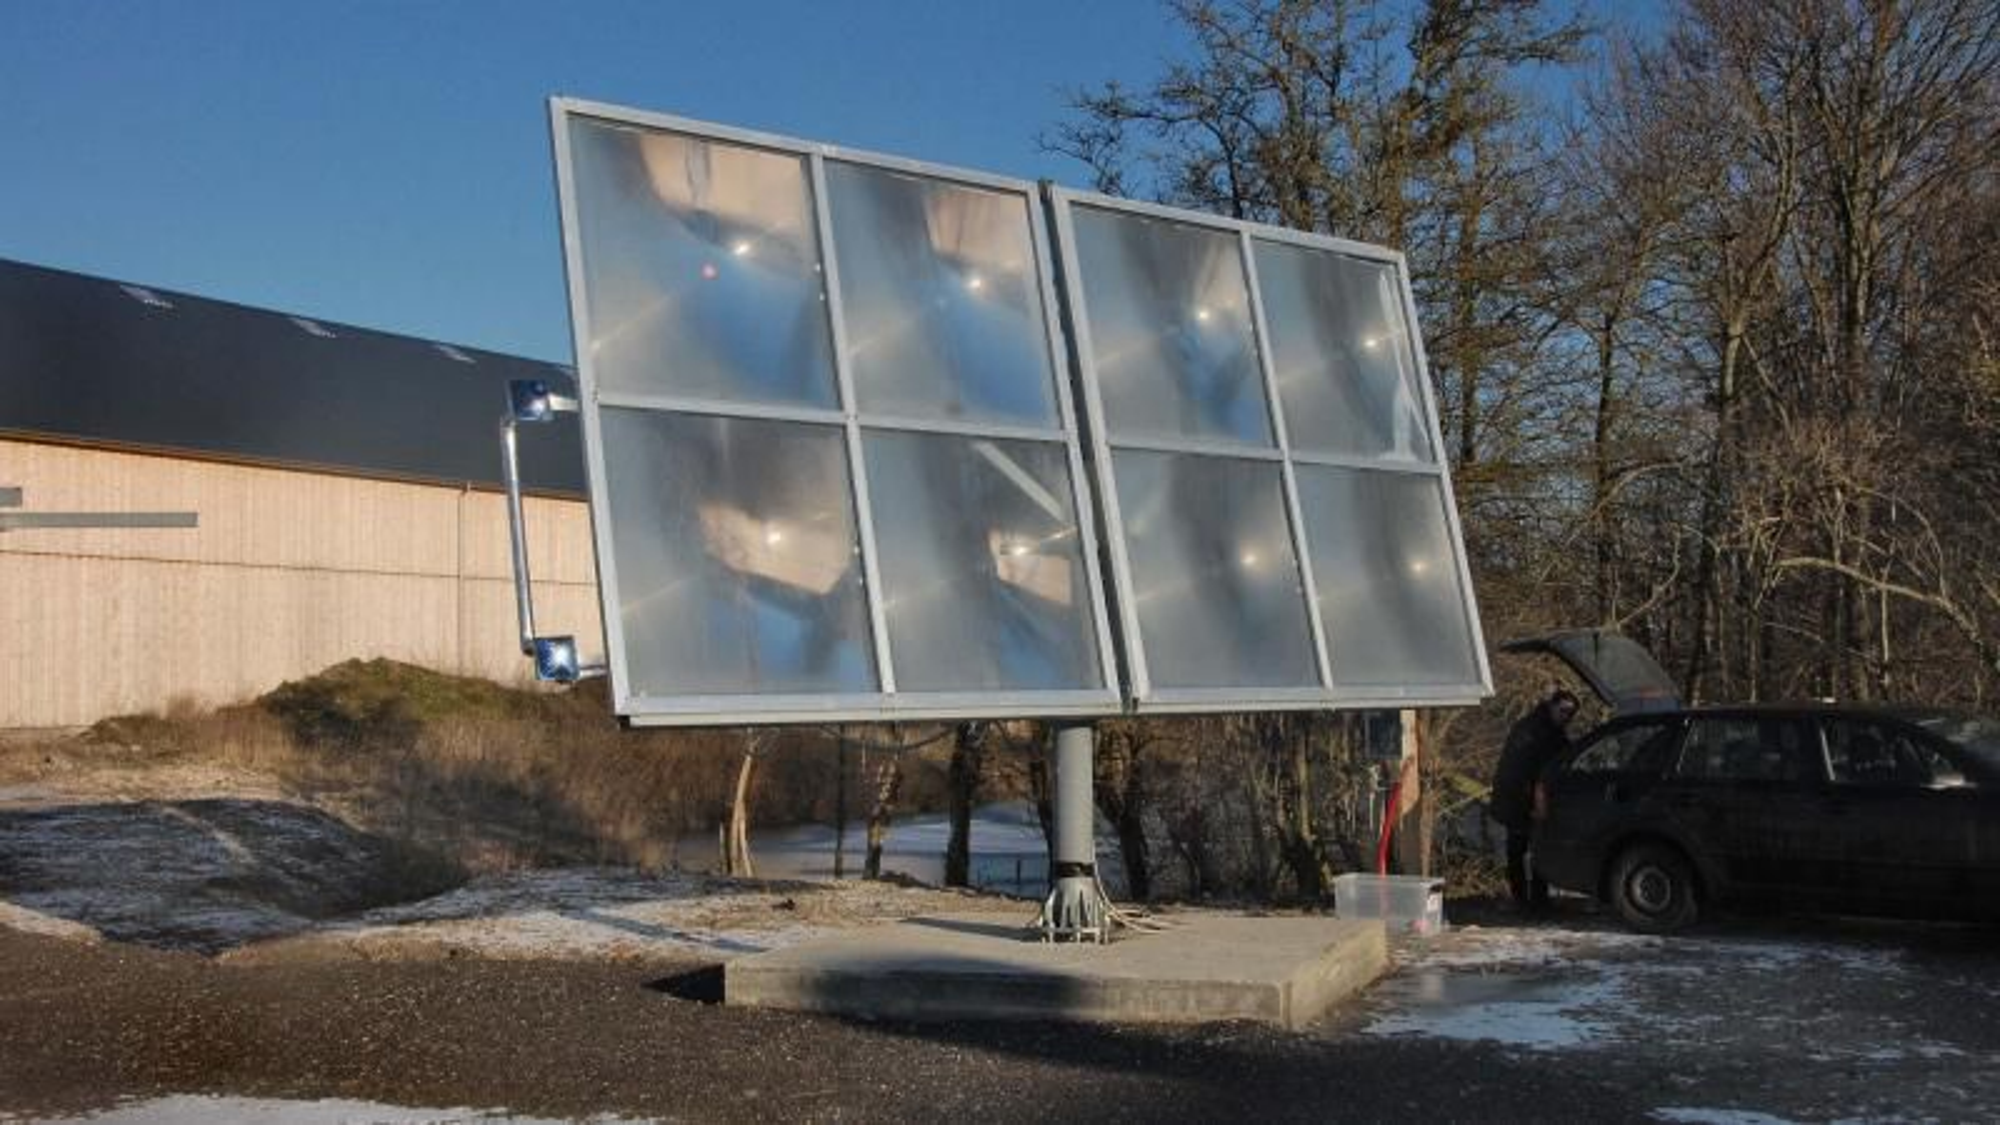 Ved en gård rett ved Sorø har Heliac testet prototypen på solvarmeanlegget sitt. De store kvadratene konsentrerer sollyset i et punkt to meter bak linsene. Her overføres varmen til en sirkulerende væske. Hele panelet vender seg, slik at det følger Solens gang på himmelen.